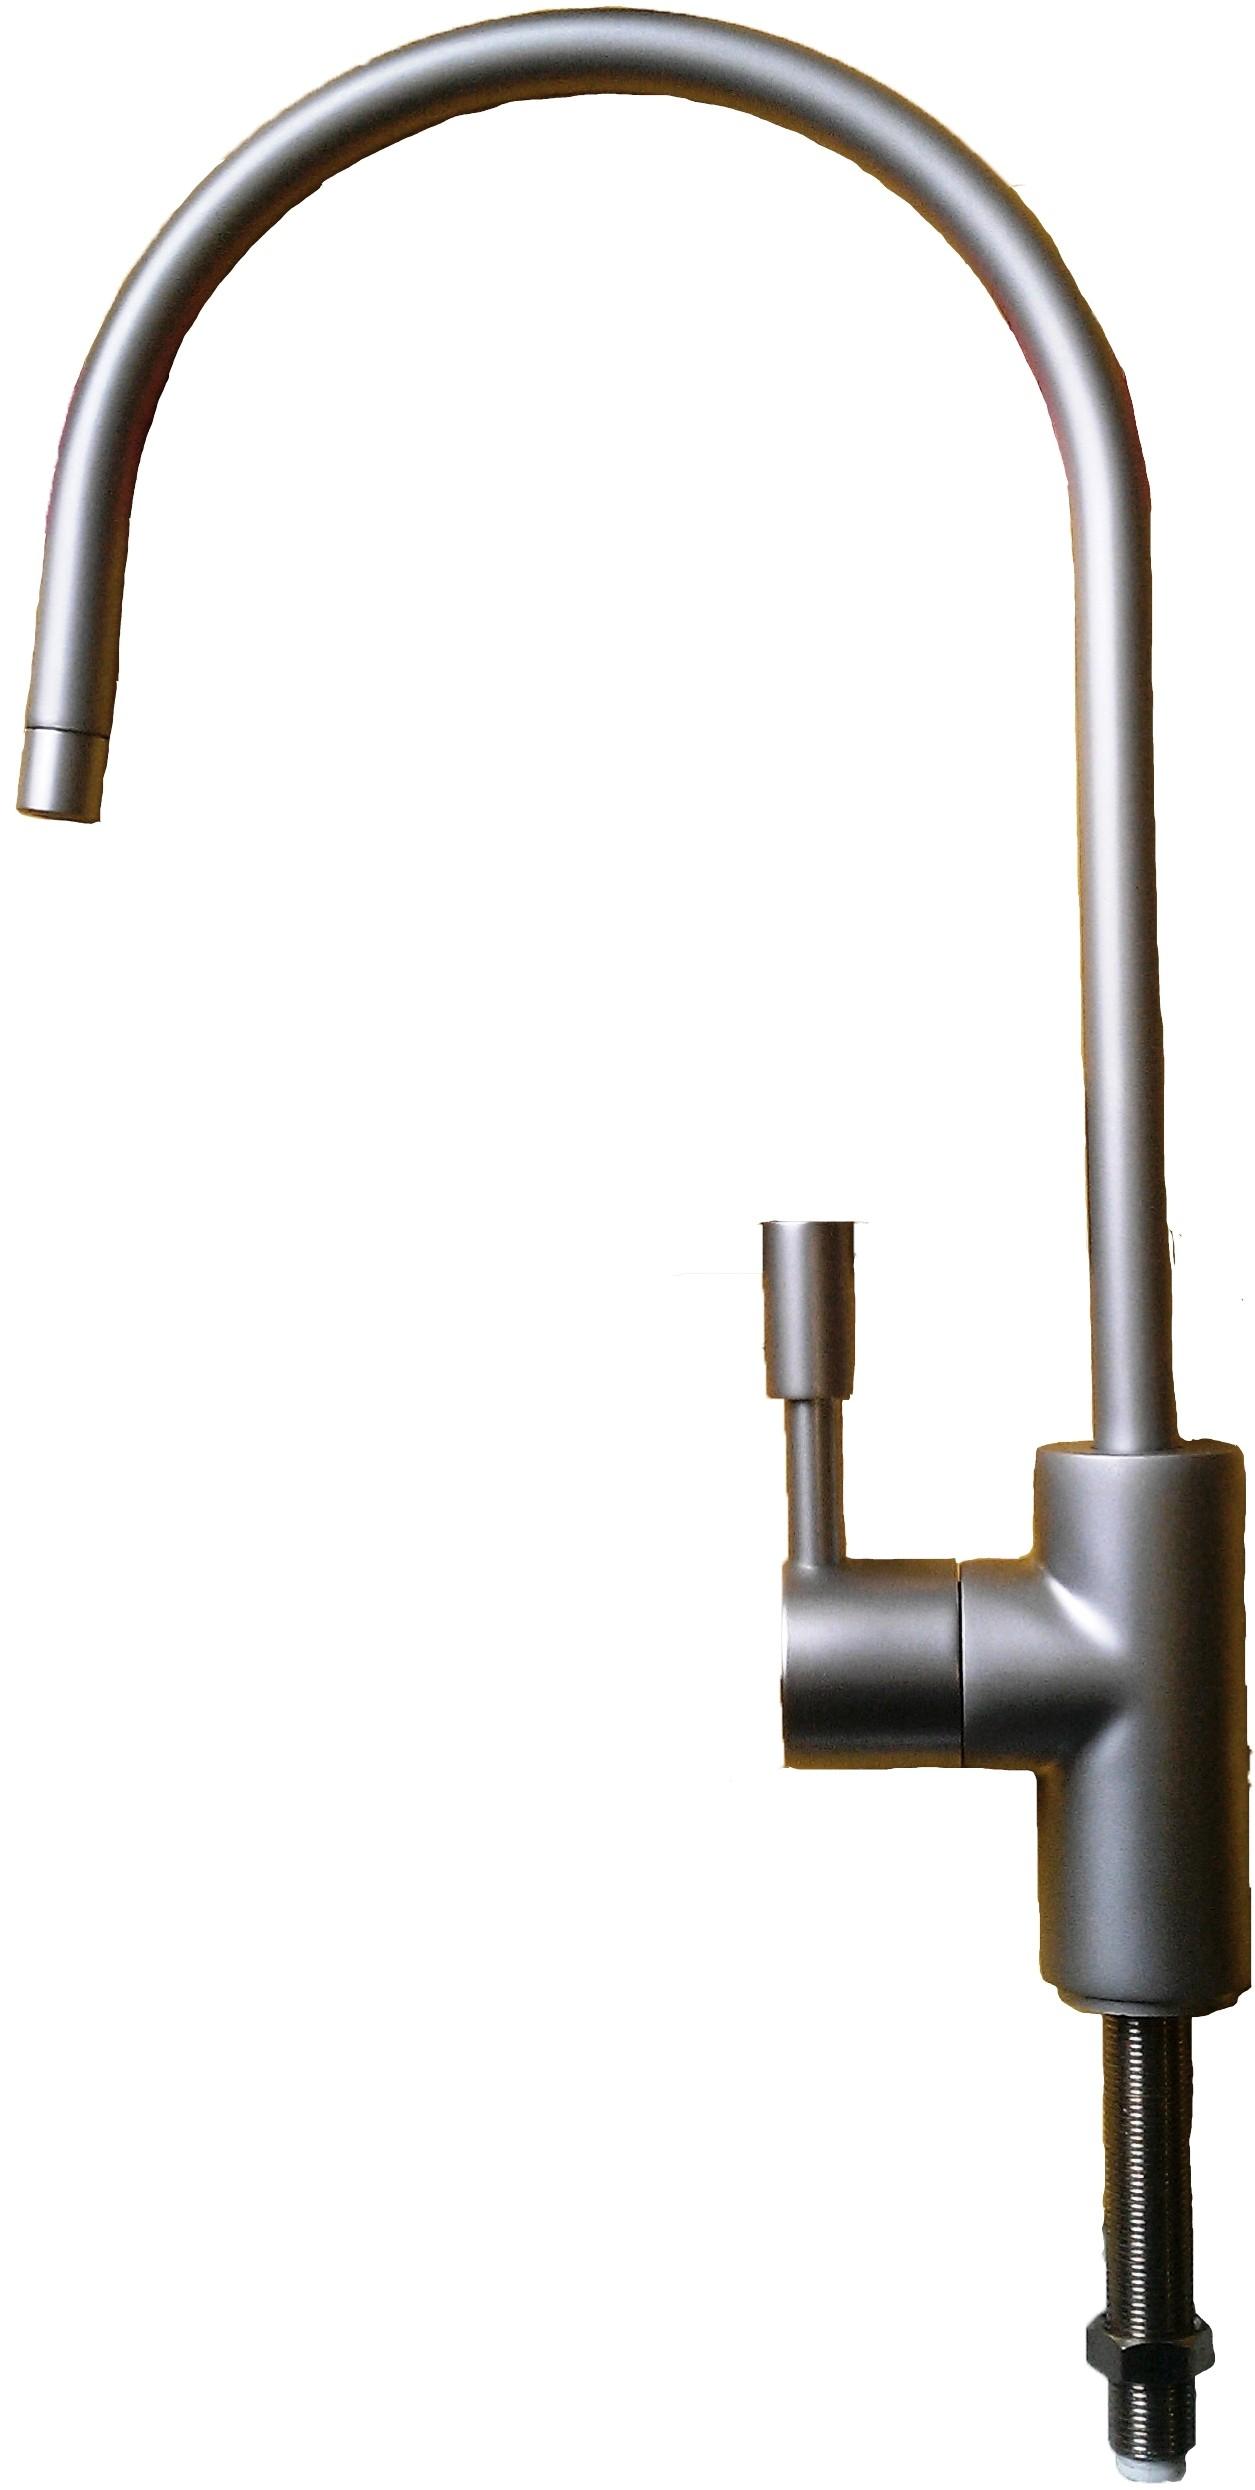 matt satin nickel lackierung schwanenhals einzelhebel trinkwasser wasserfilter ebay. Black Bedroom Furniture Sets. Home Design Ideas